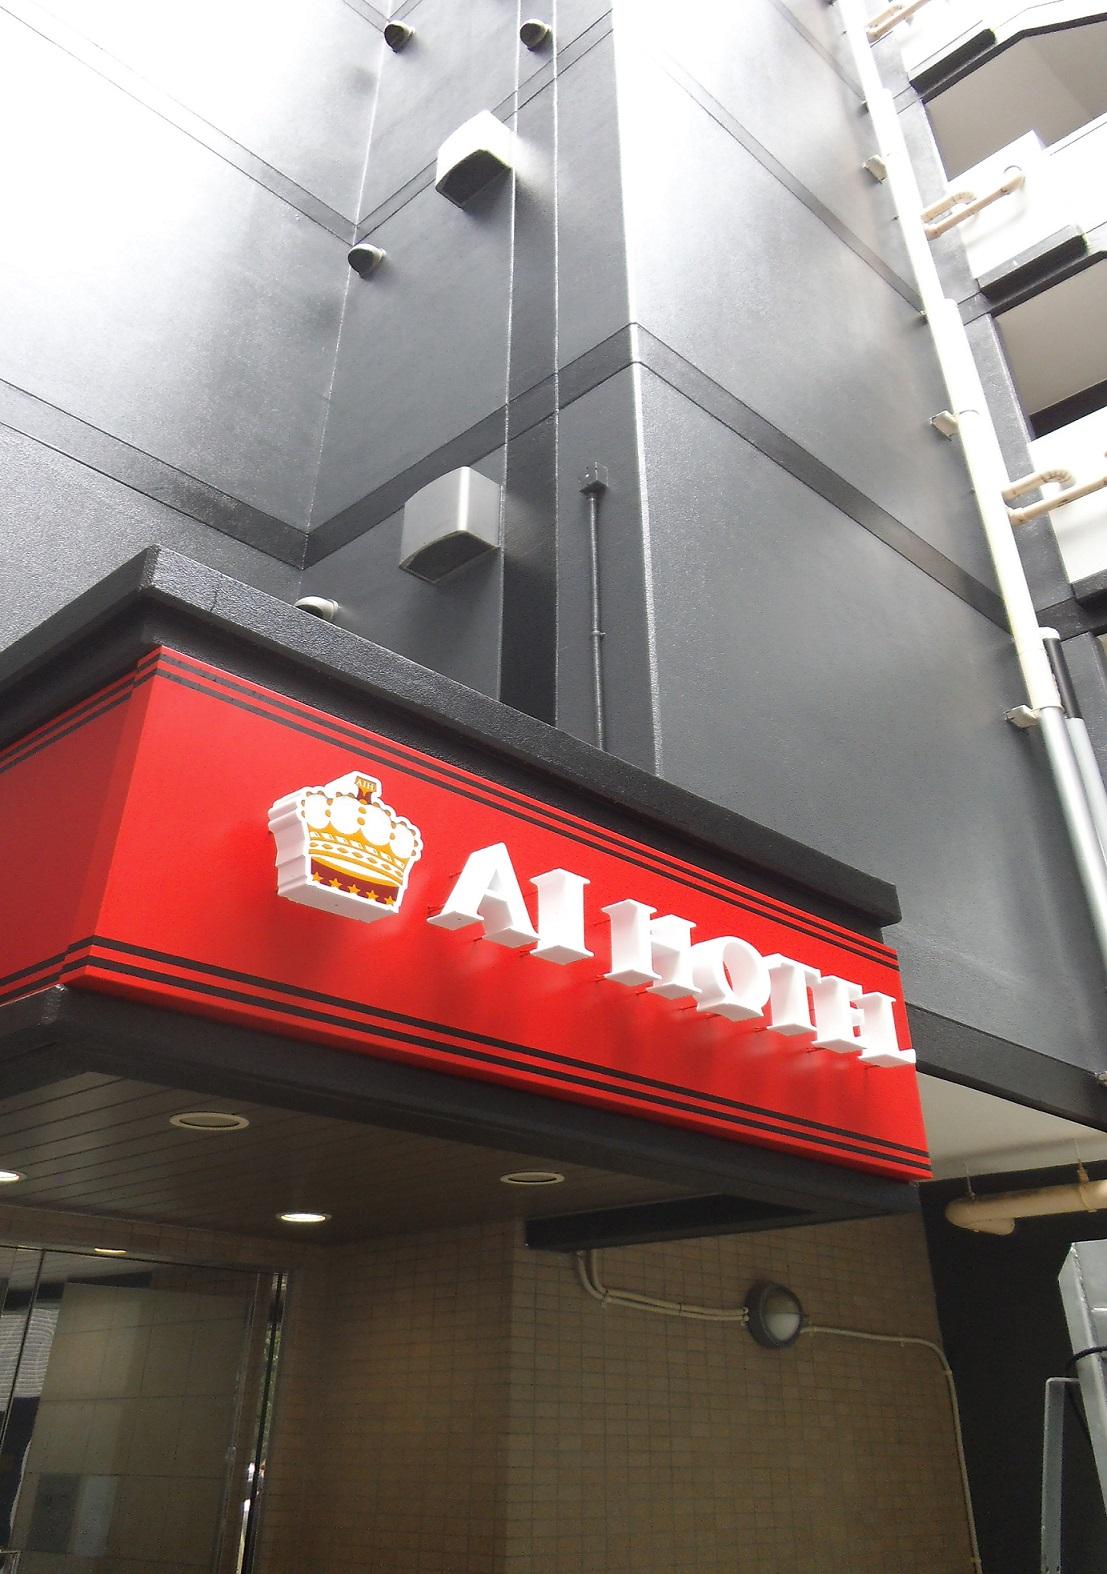 アイホテル日本橋 / ☆リニューアル☆連泊エコステイプラン